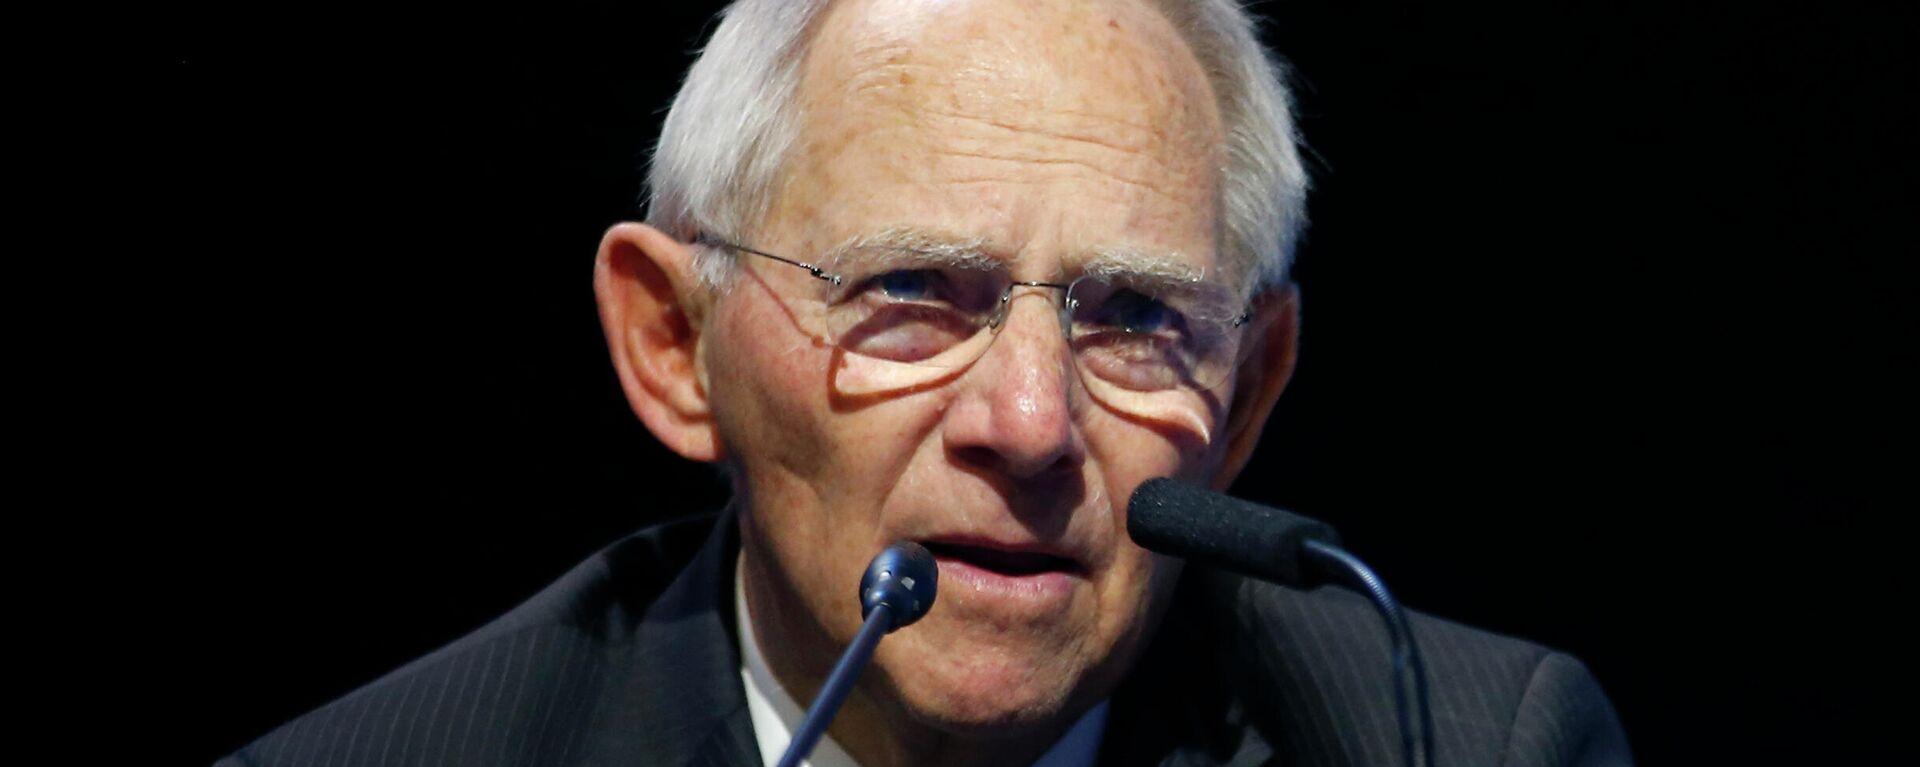 Der Präsident des Deutschen Bundestages, Wolfgang Schäuble.  - SNA, 1920, 06.07.2021